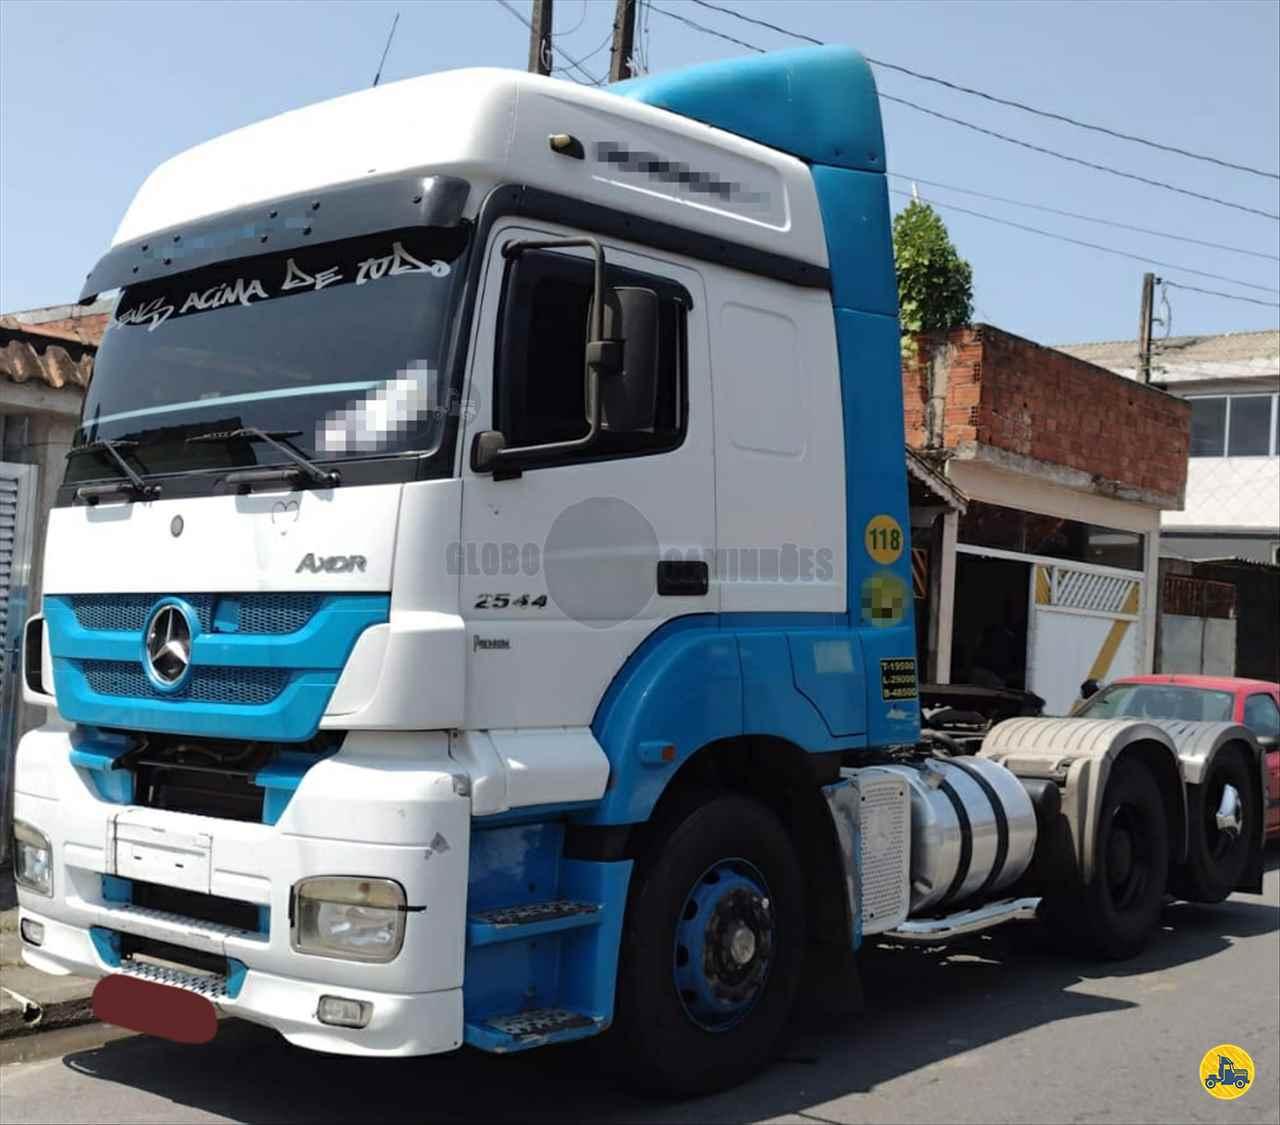 CAMINHAO MERCEDES-BENZ MB 2544 Cavalo Mecânico Truck 6x2 Globo Caminhões Helio Maringá MARINGA PARANÁ PR